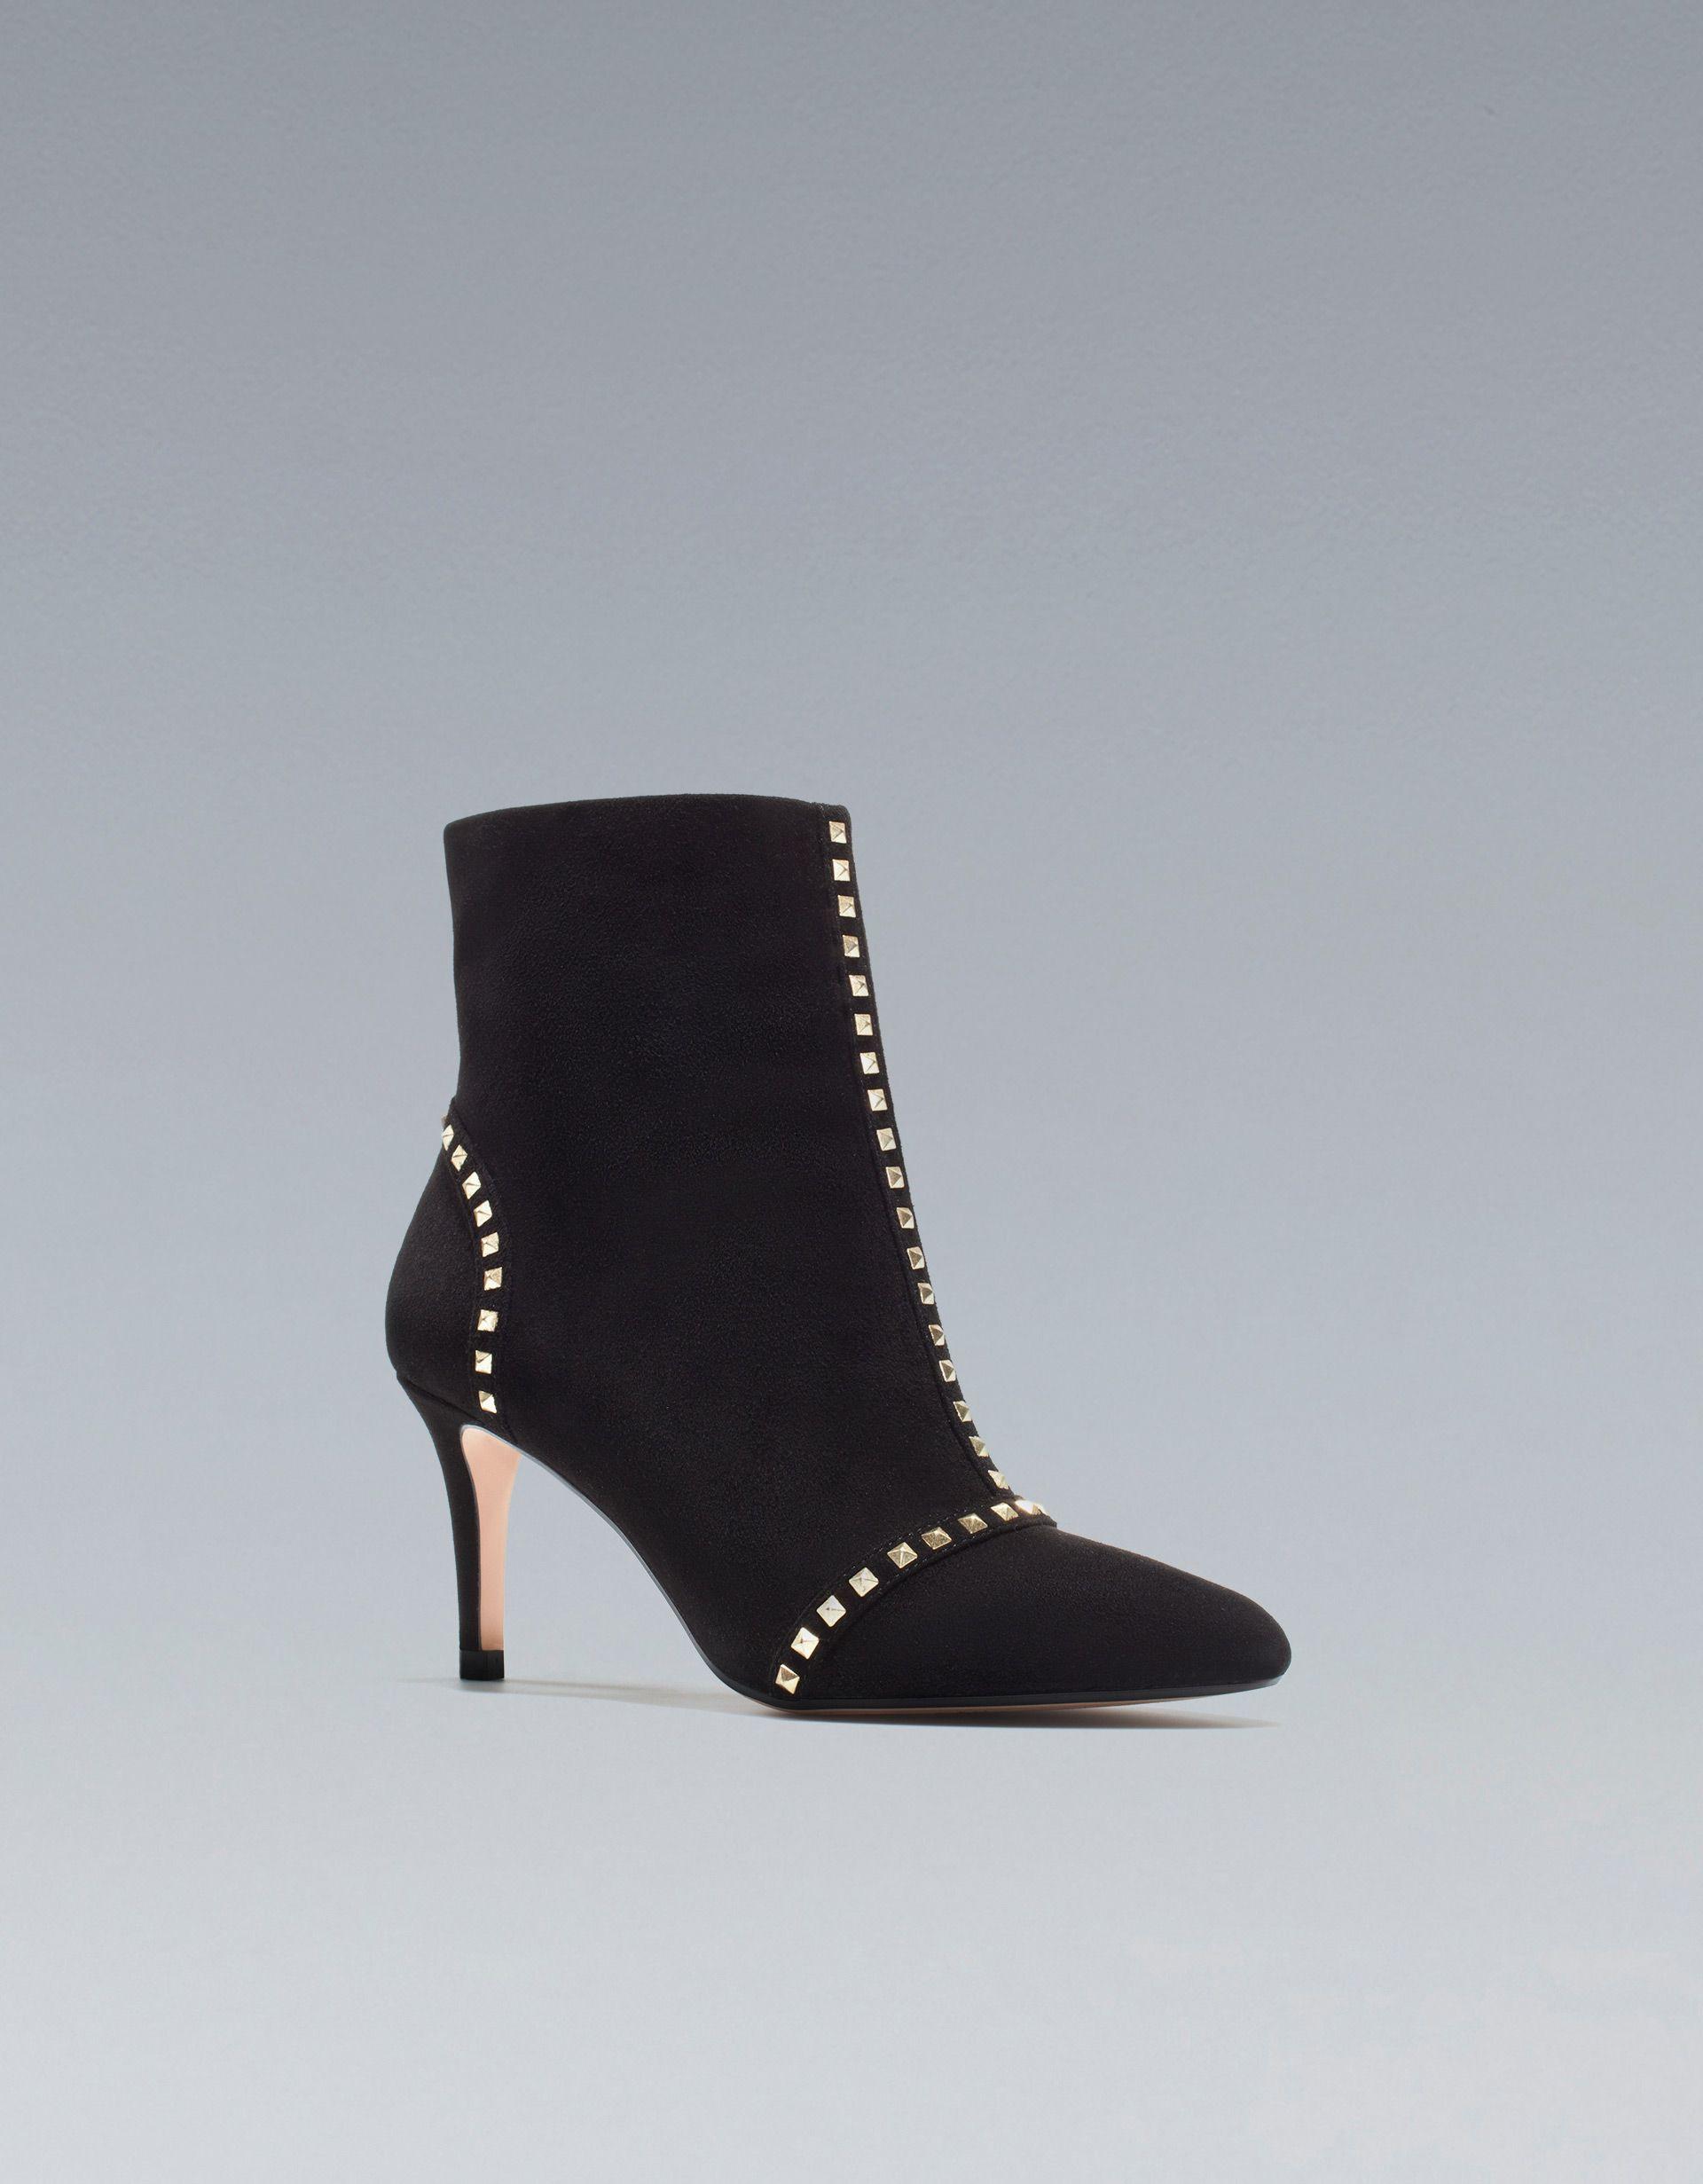 ea8a91fe BOTÍN TACÓN MEDIO TACHAS - Botines - Zapatos - Mujer - ZARA BOTÍN TACÓN  MEDIO TACHAS 39,99 EUR Ref. 5116/101